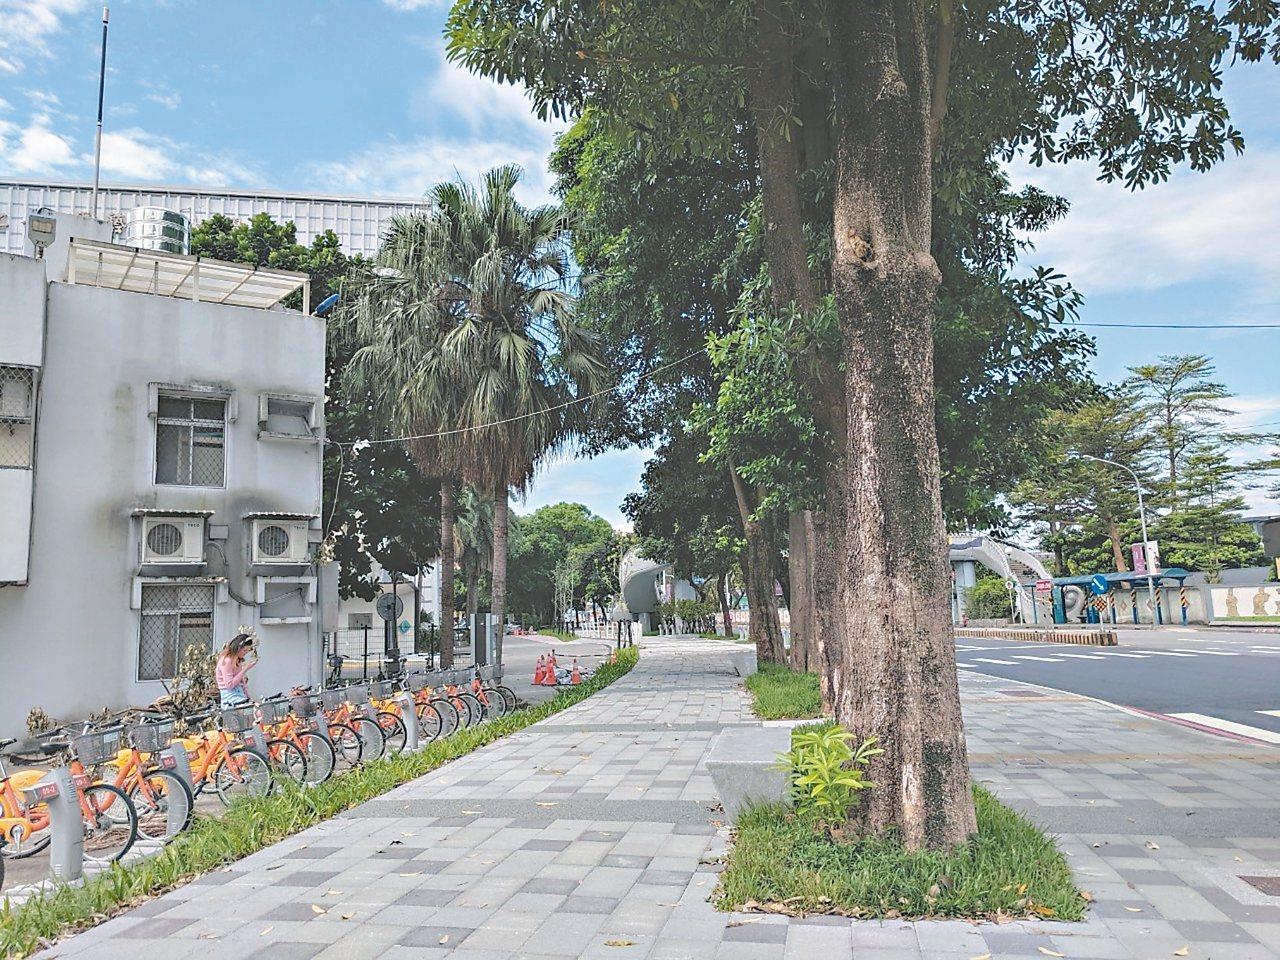 新北市府城鄉局和台灣藝術大學、大觀路郵局推倒圍牆,讓校園空間退縮,提供街角廣場、人行道空間給市民使用。 圖/新北市城鄉局提供